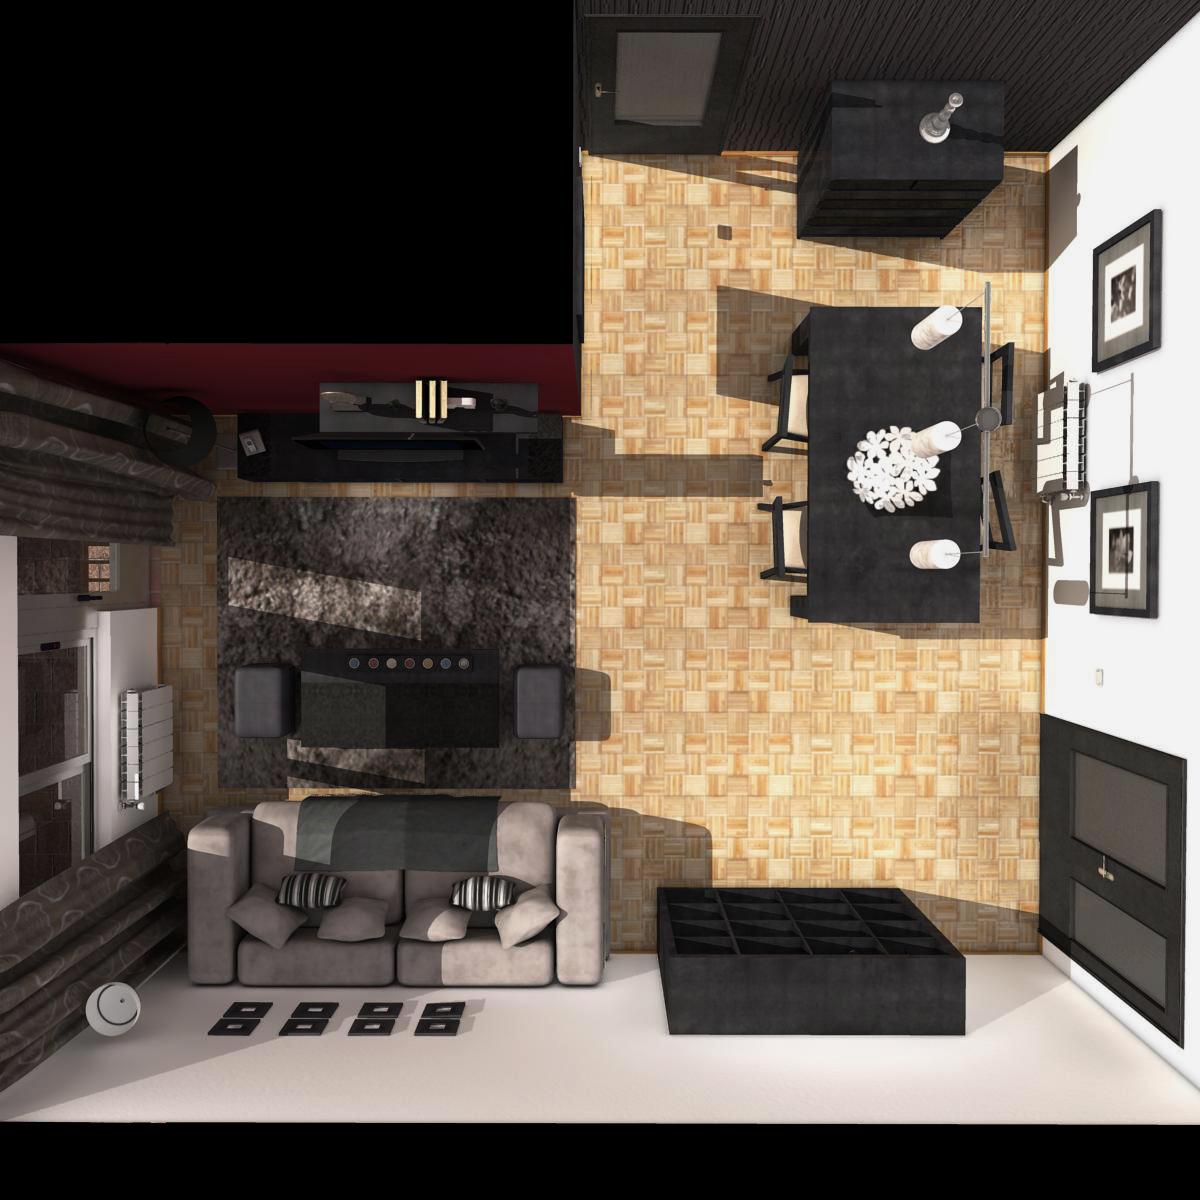 dzīvojamā istaba 3d modelis 3ds max fbx c4d ma mb obj 159610